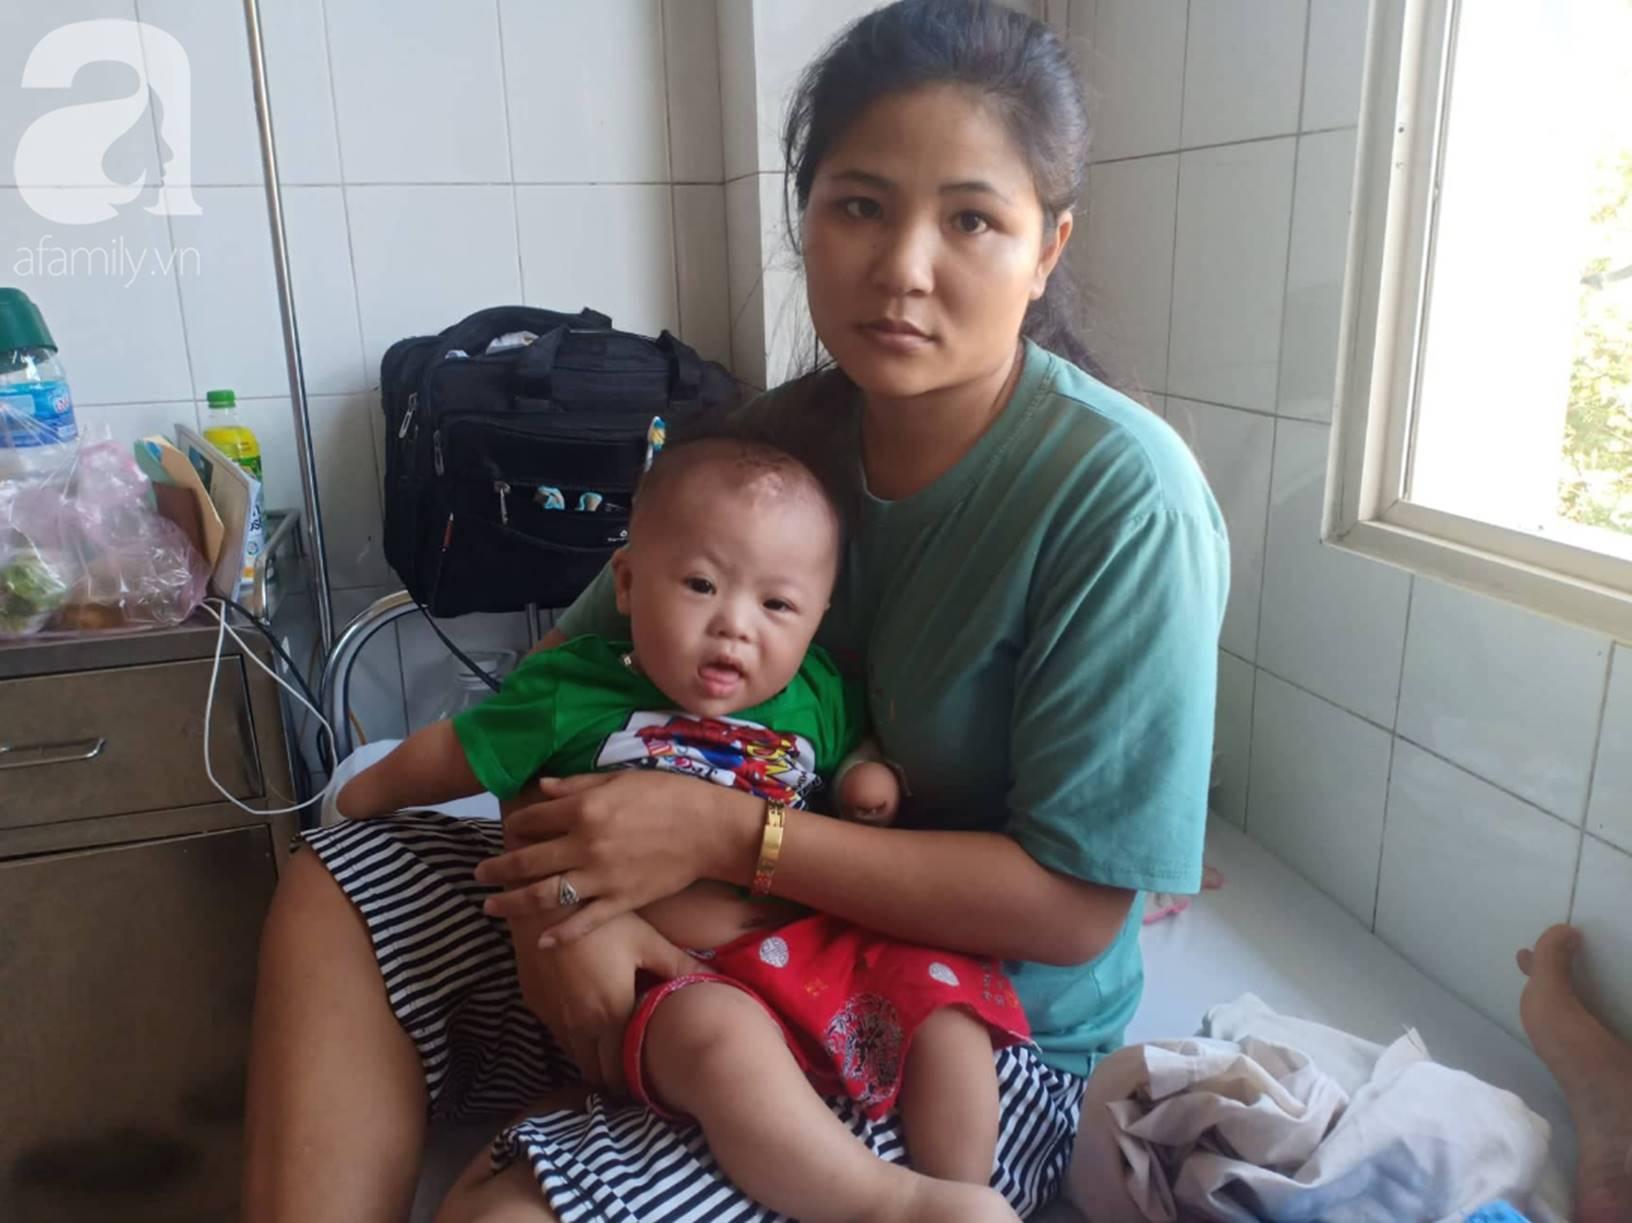 Tâm sự đau đớn của người mẹ khi sinh con trai không có 2 tay: Tôi đã sốc khi lần đầu nhìn thấy hình hài con mình-7